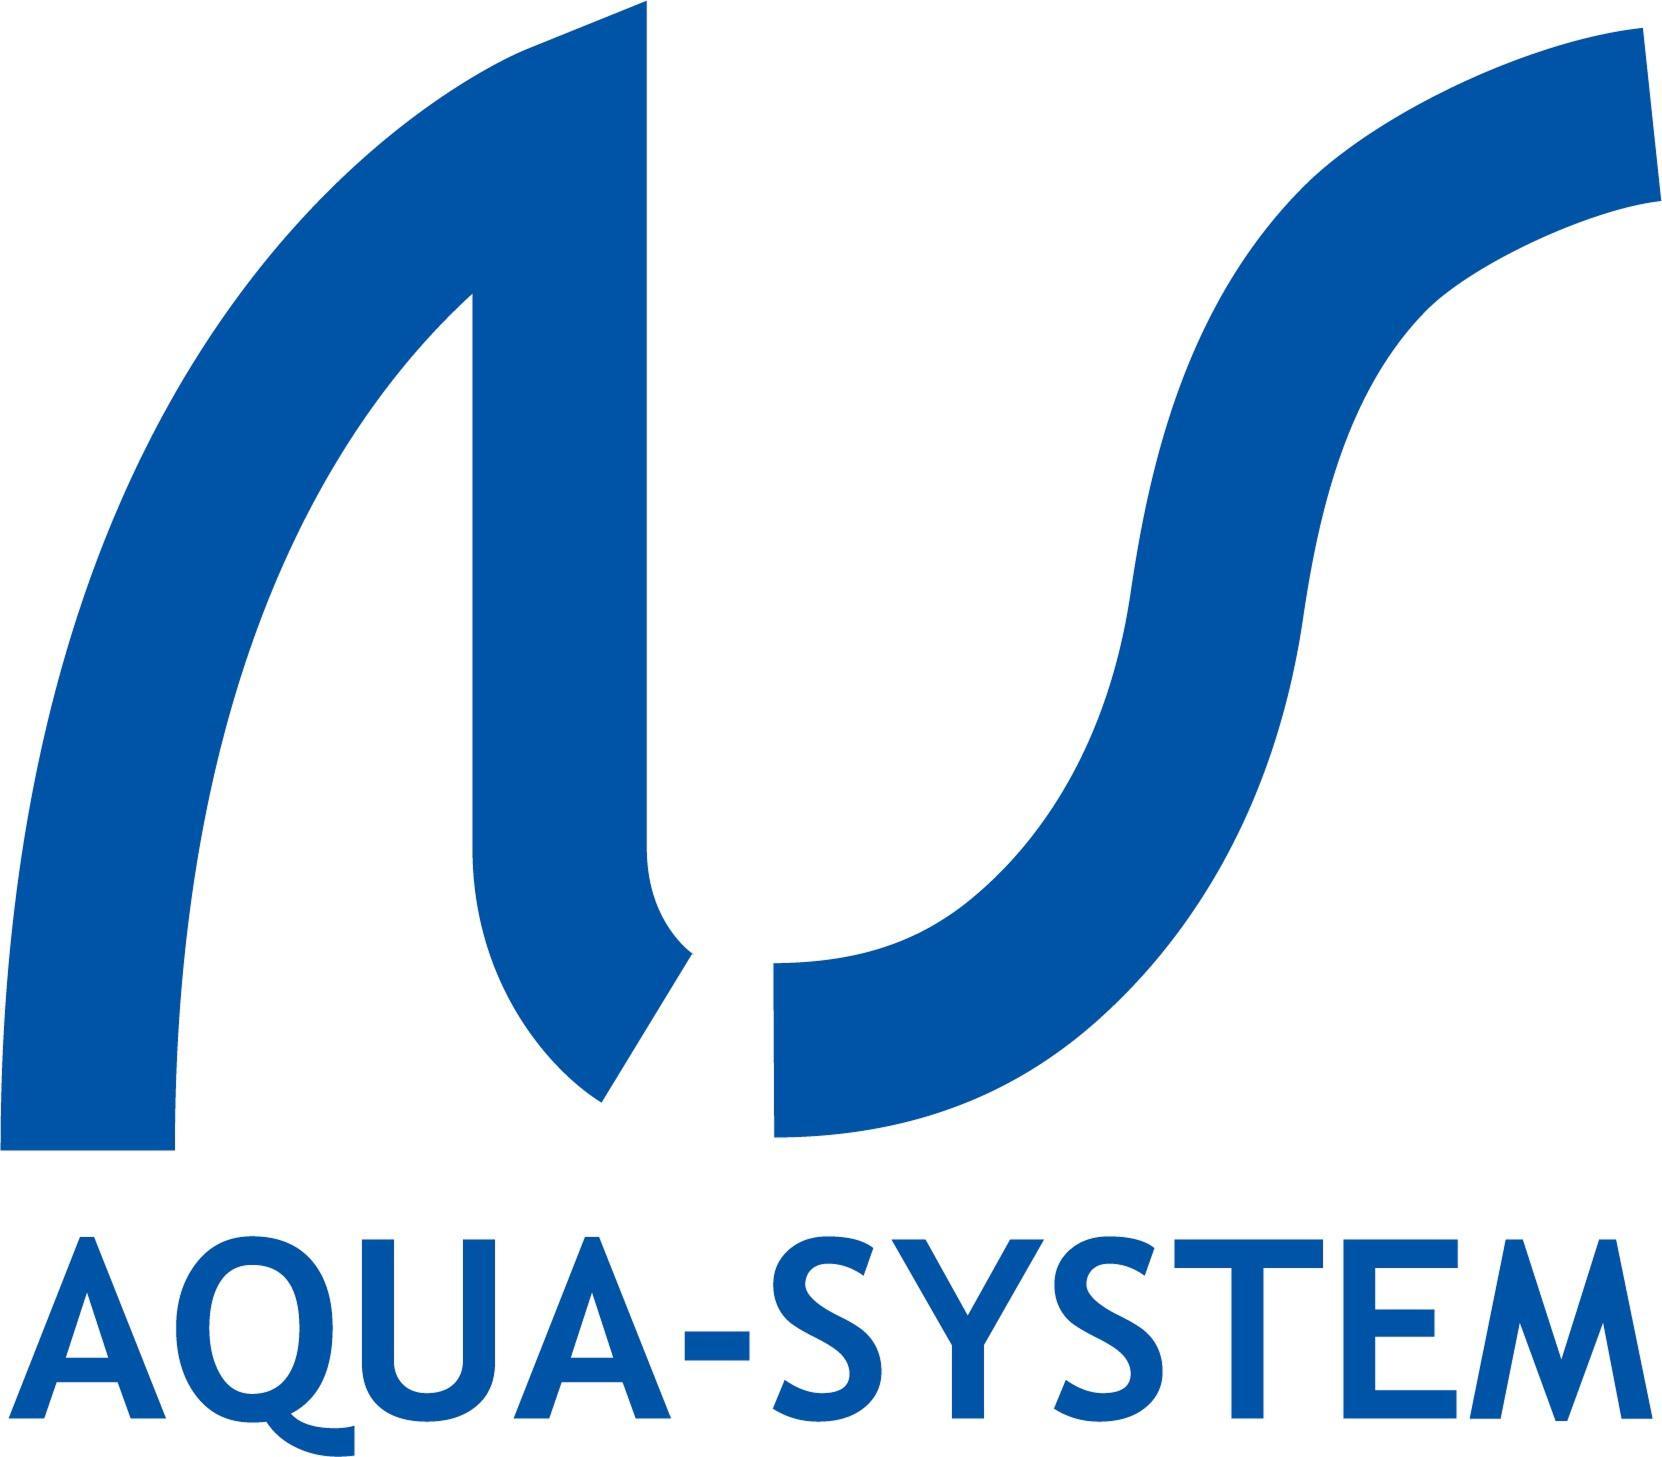 Aqua System Pte. Ltd.